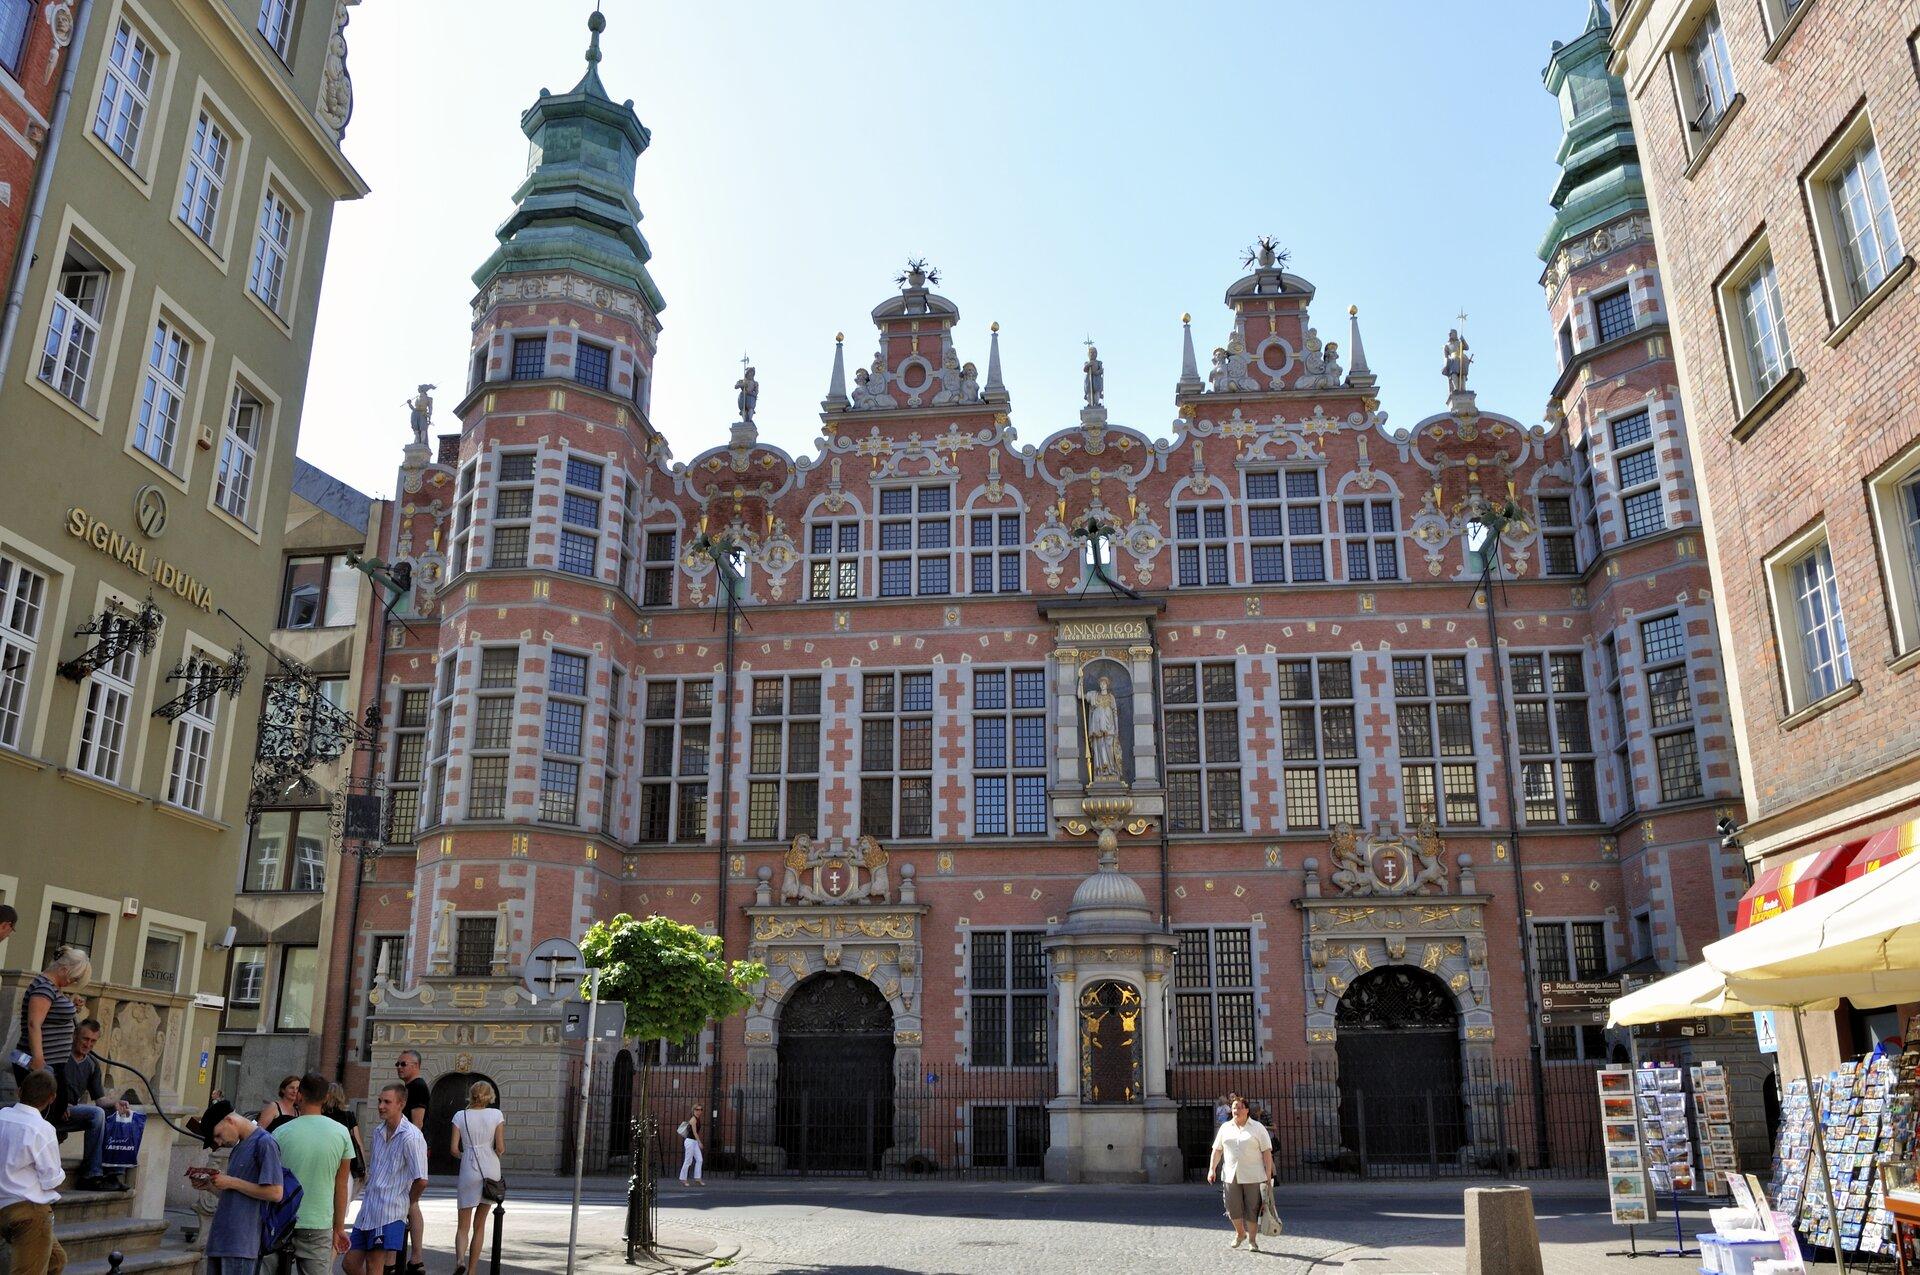 Gdańsk – Wielka Zbrojownia Gdańsk – Wielka Zbrojownia Źródło: DerHexer, Wikimedia Commons, licencja: CC BY-SA 3.0.